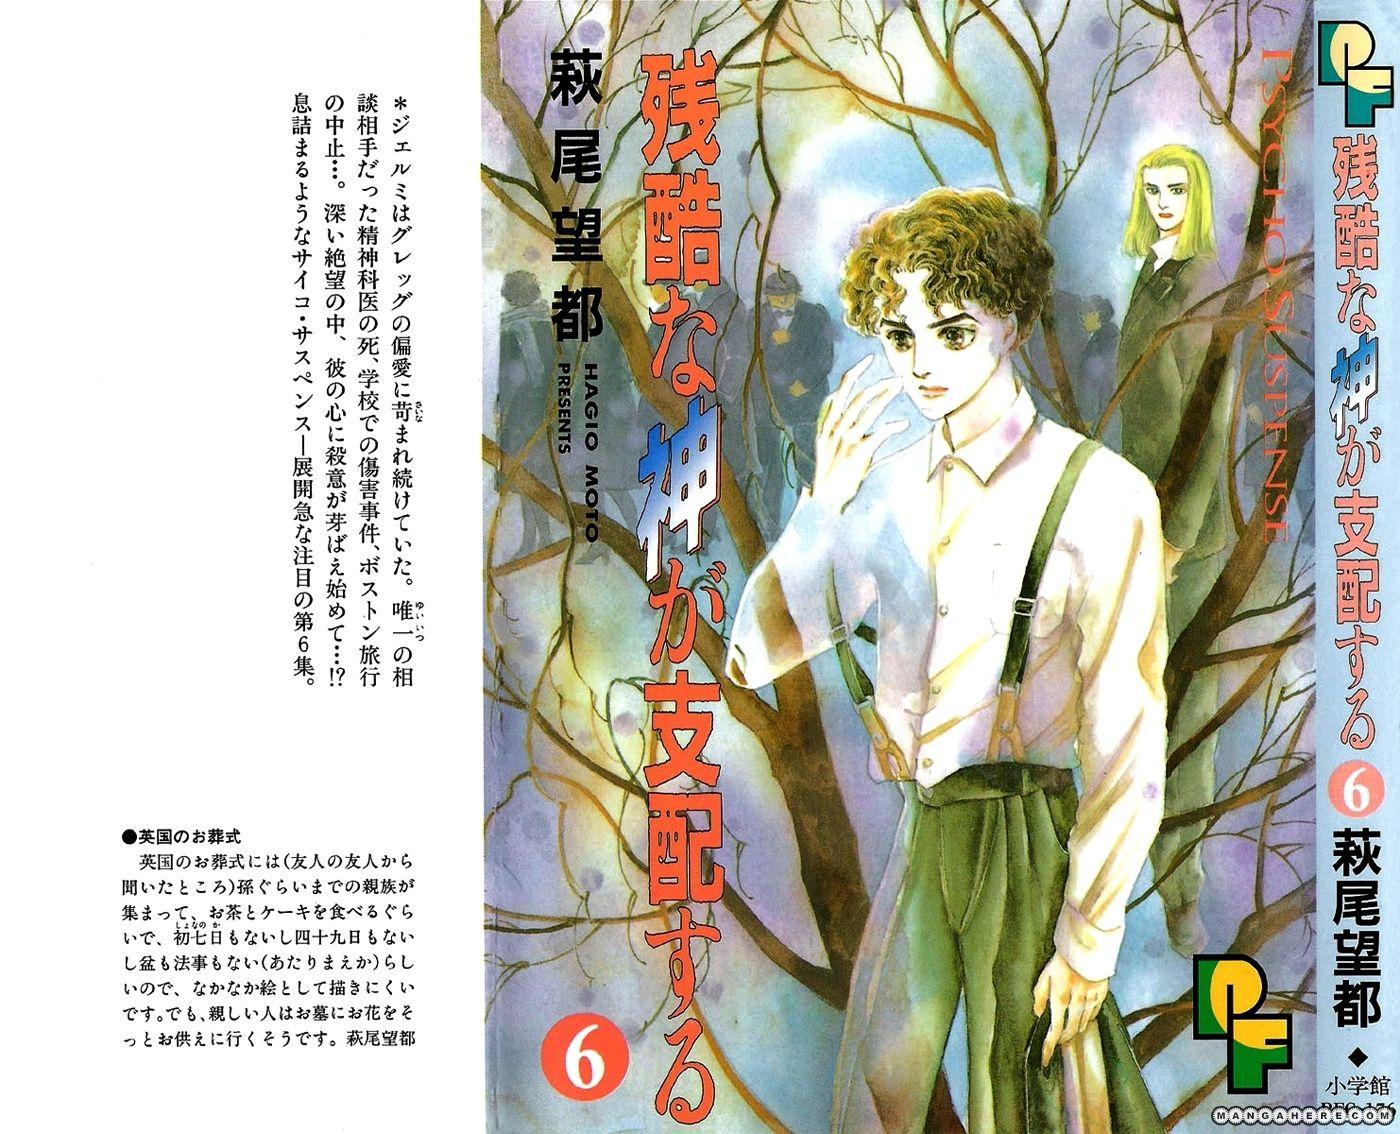 Zankoku na Kami ga Shihai Suru 35 Page 2